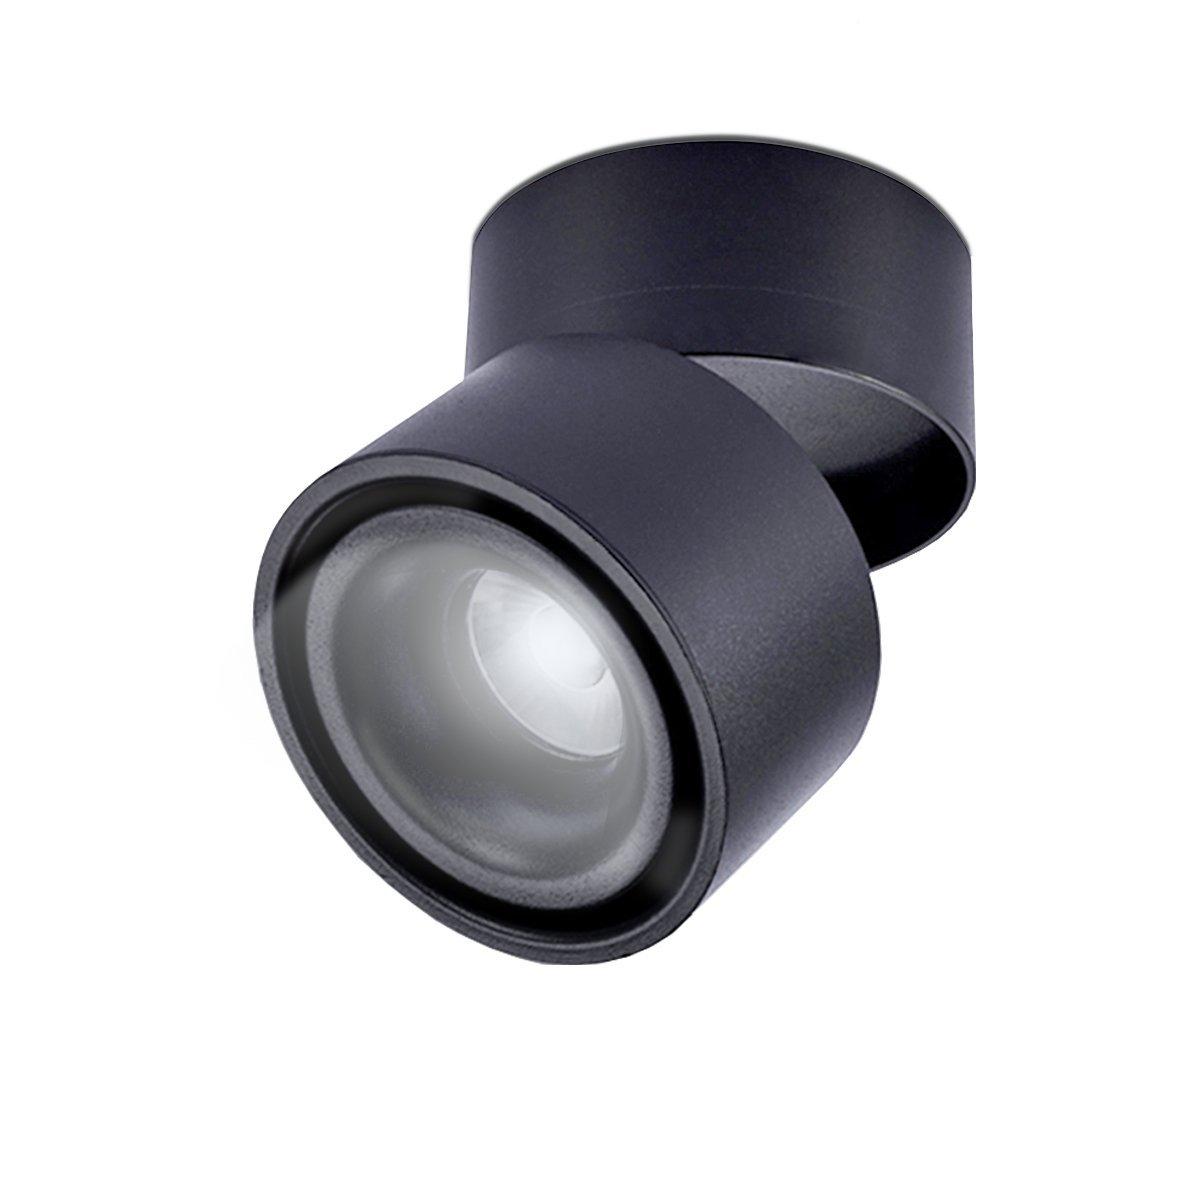 3000K blanc chaud,Plafonnier dint/érieur,10*10*10cm //Blanc LANBOS 10W plafonnier spot LED downlight,Aangle du corps de lampe r/églable